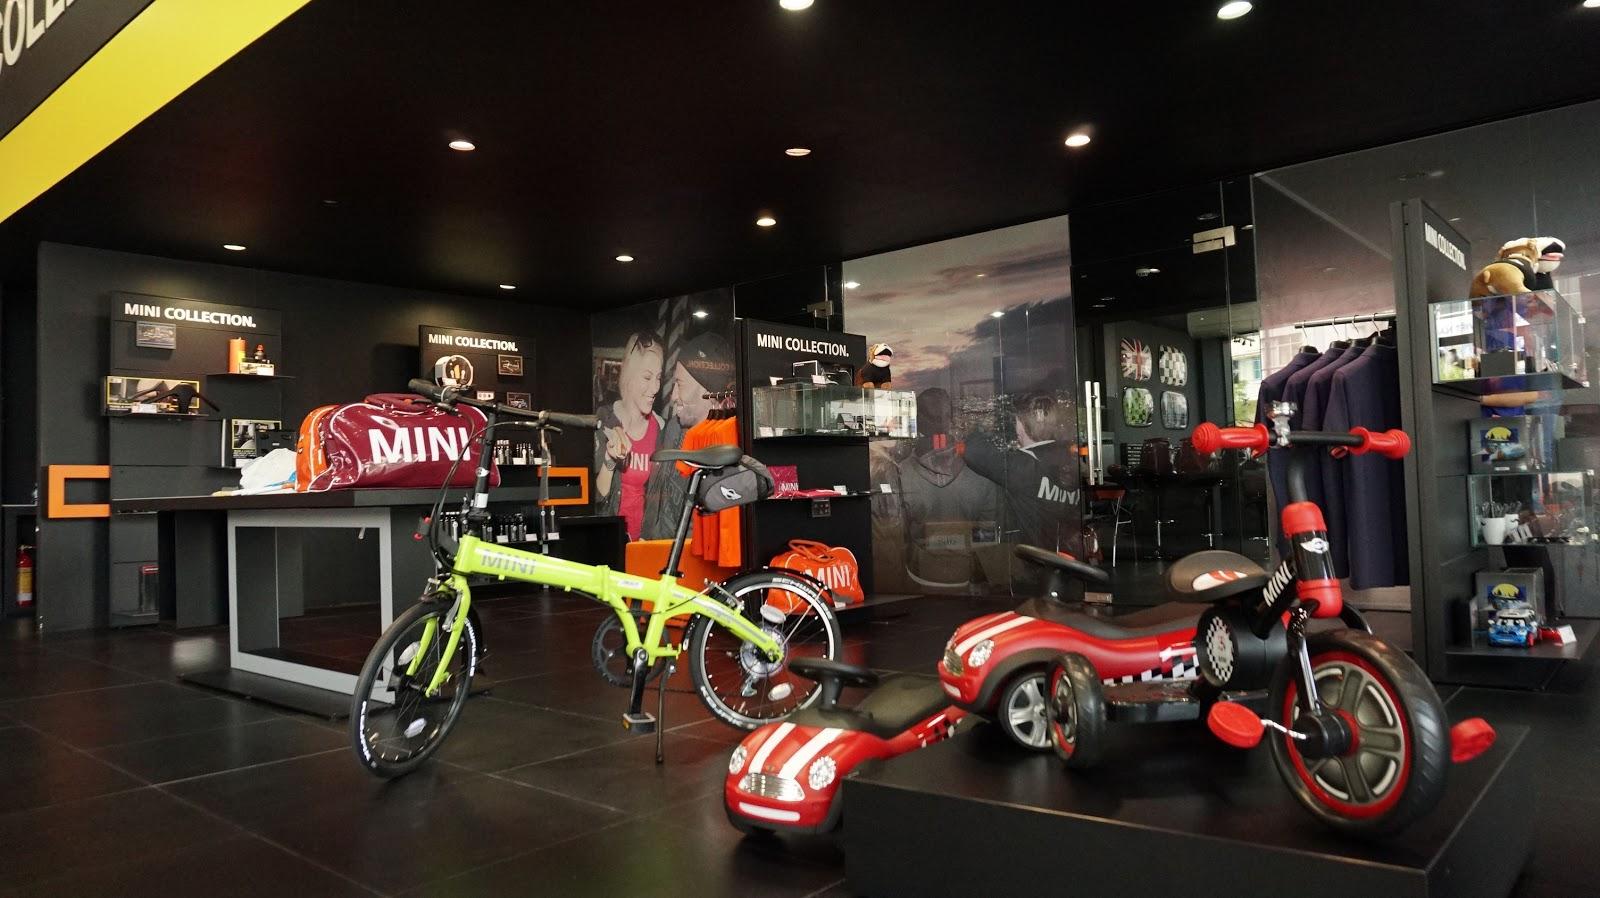 Vật dụng vui đùa như xe mô hình, xe đạp dành cho các bé